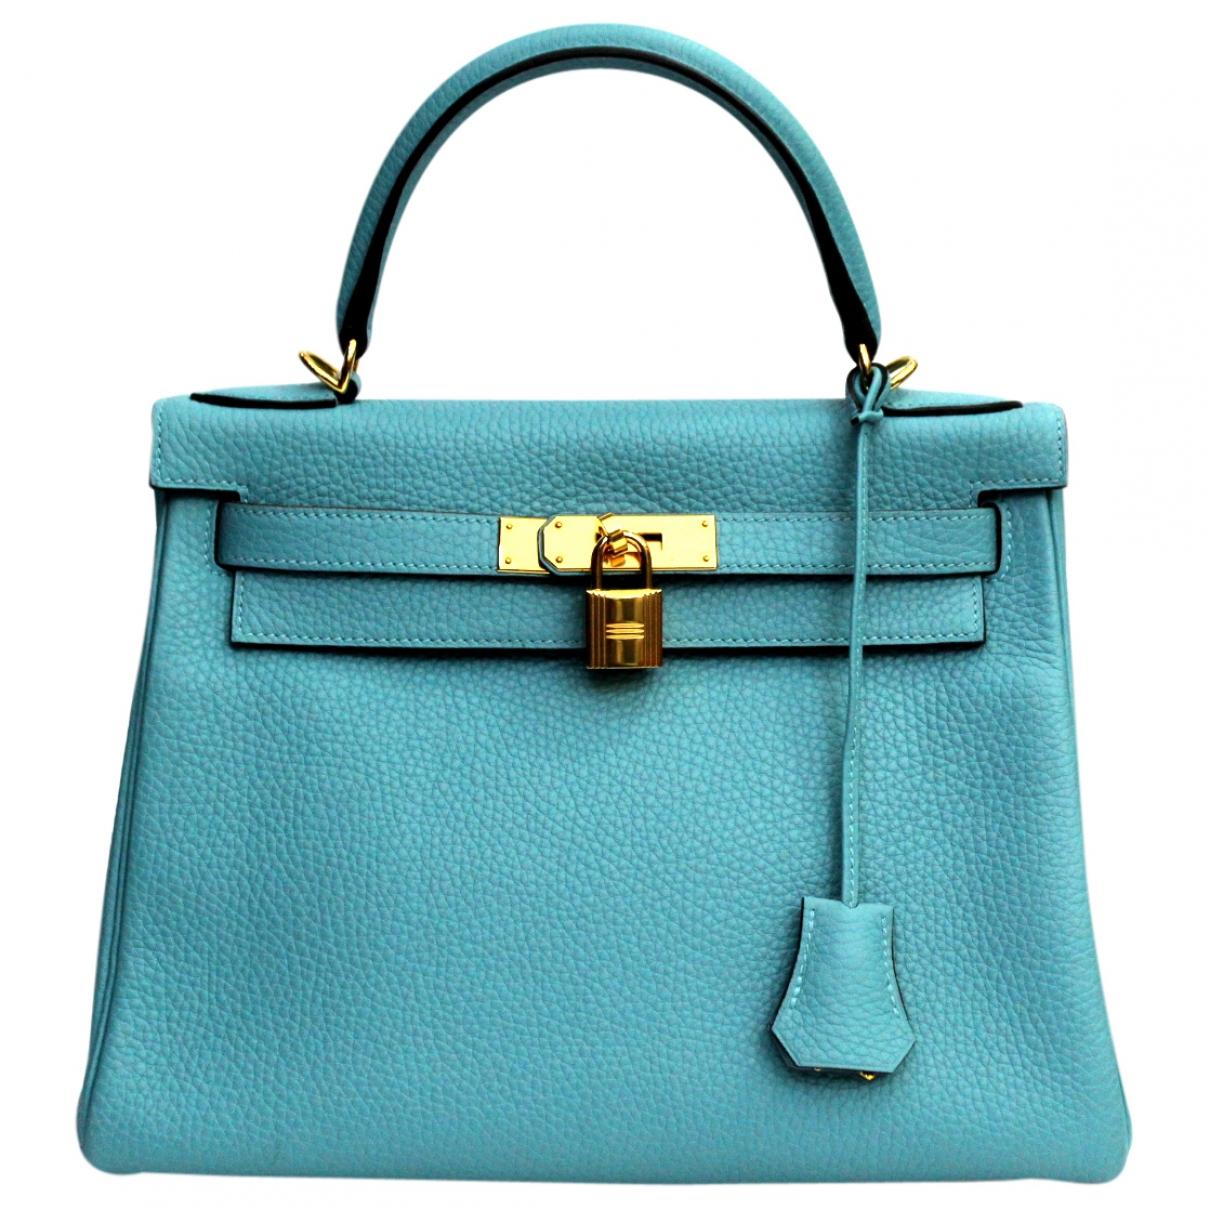 Hermes Kelly 28 Handtasche in Leder